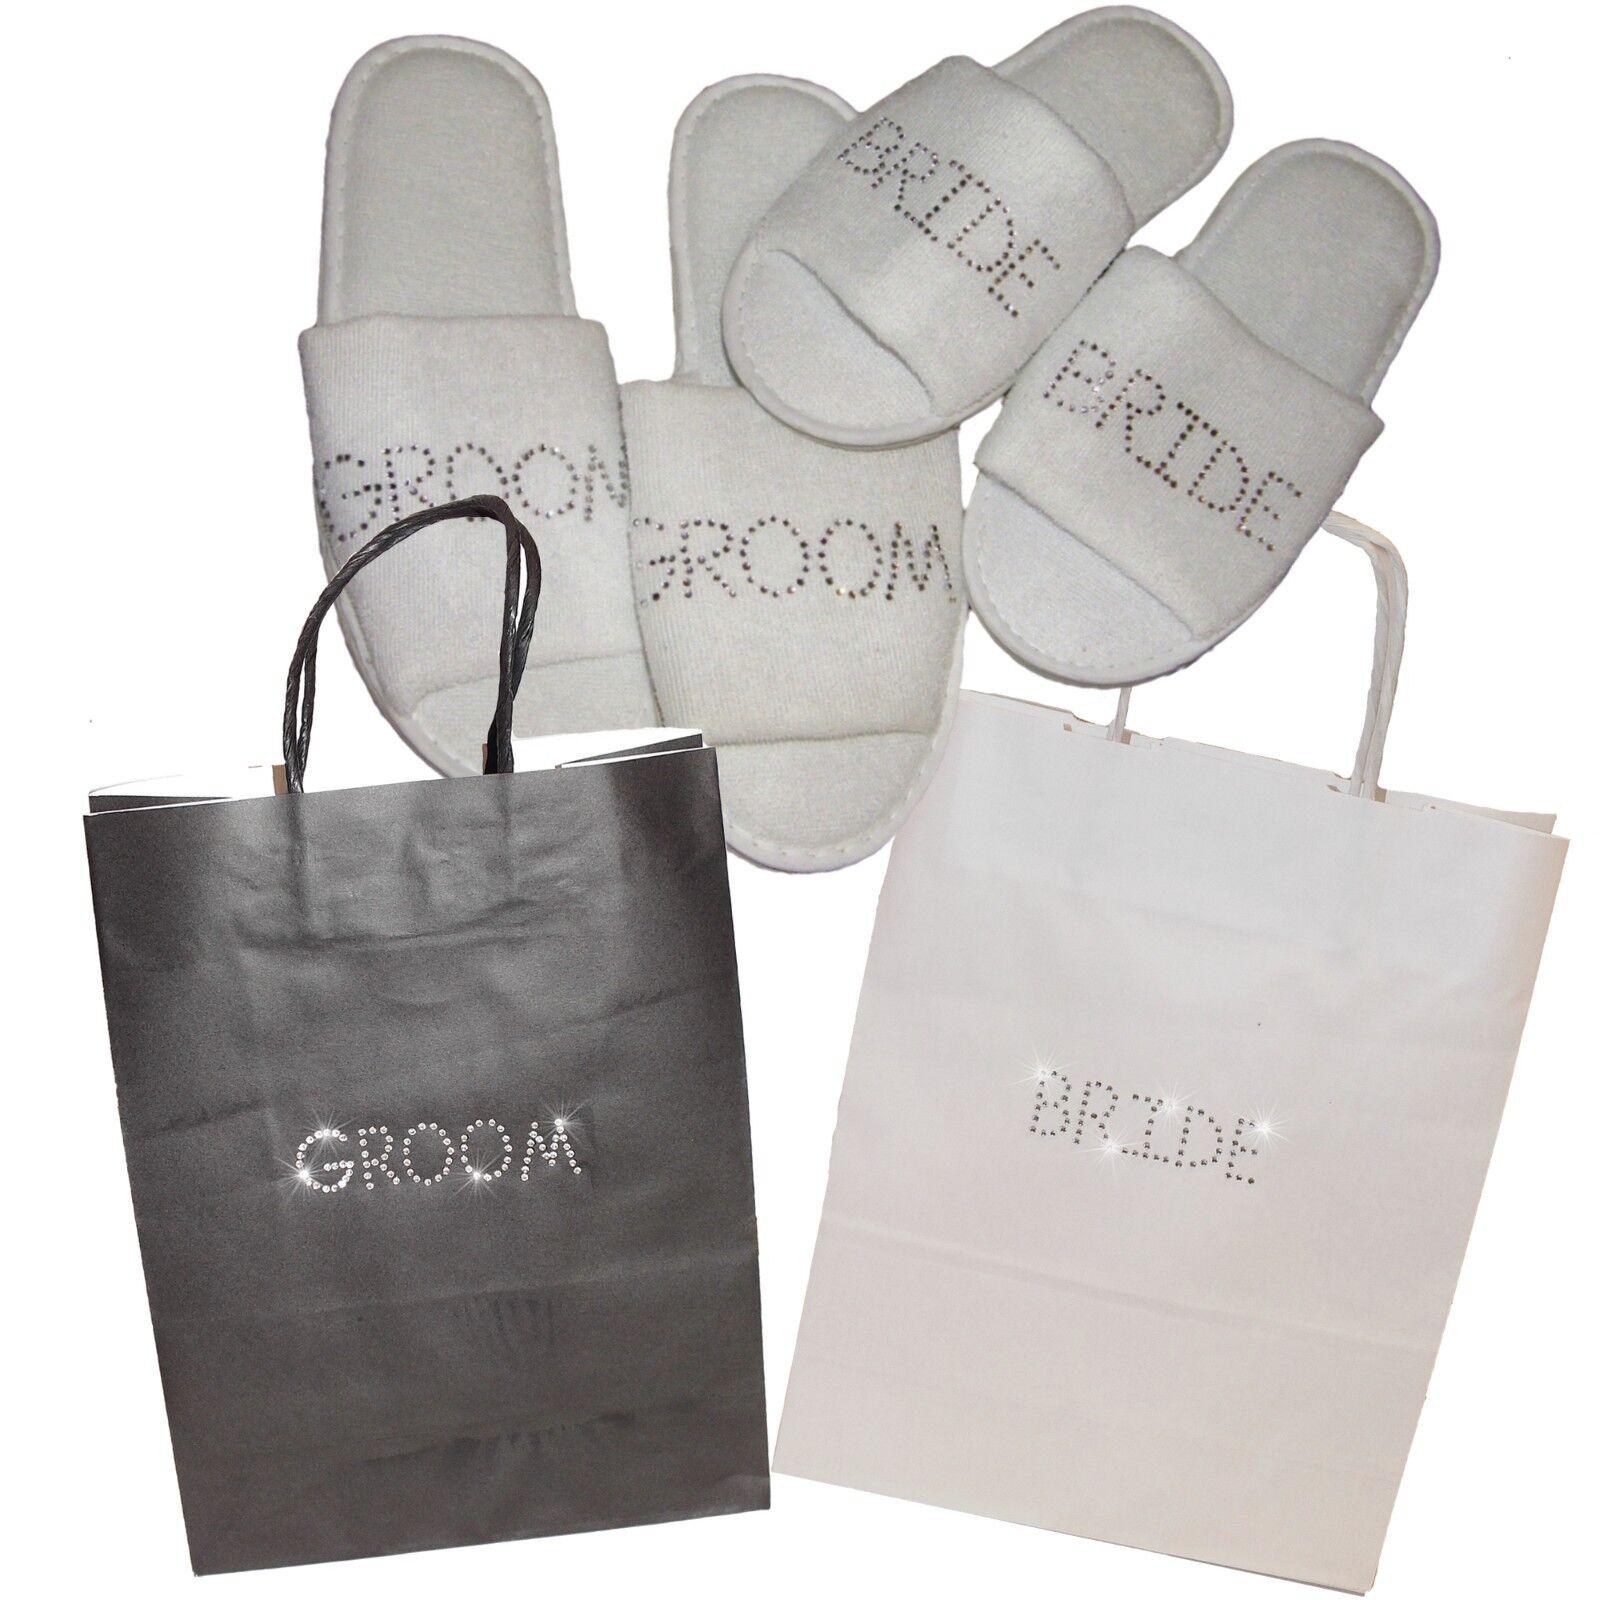 Gift Bag & Slippers Bride & Groom - Personalised Rhinestone Wedding honeymoon